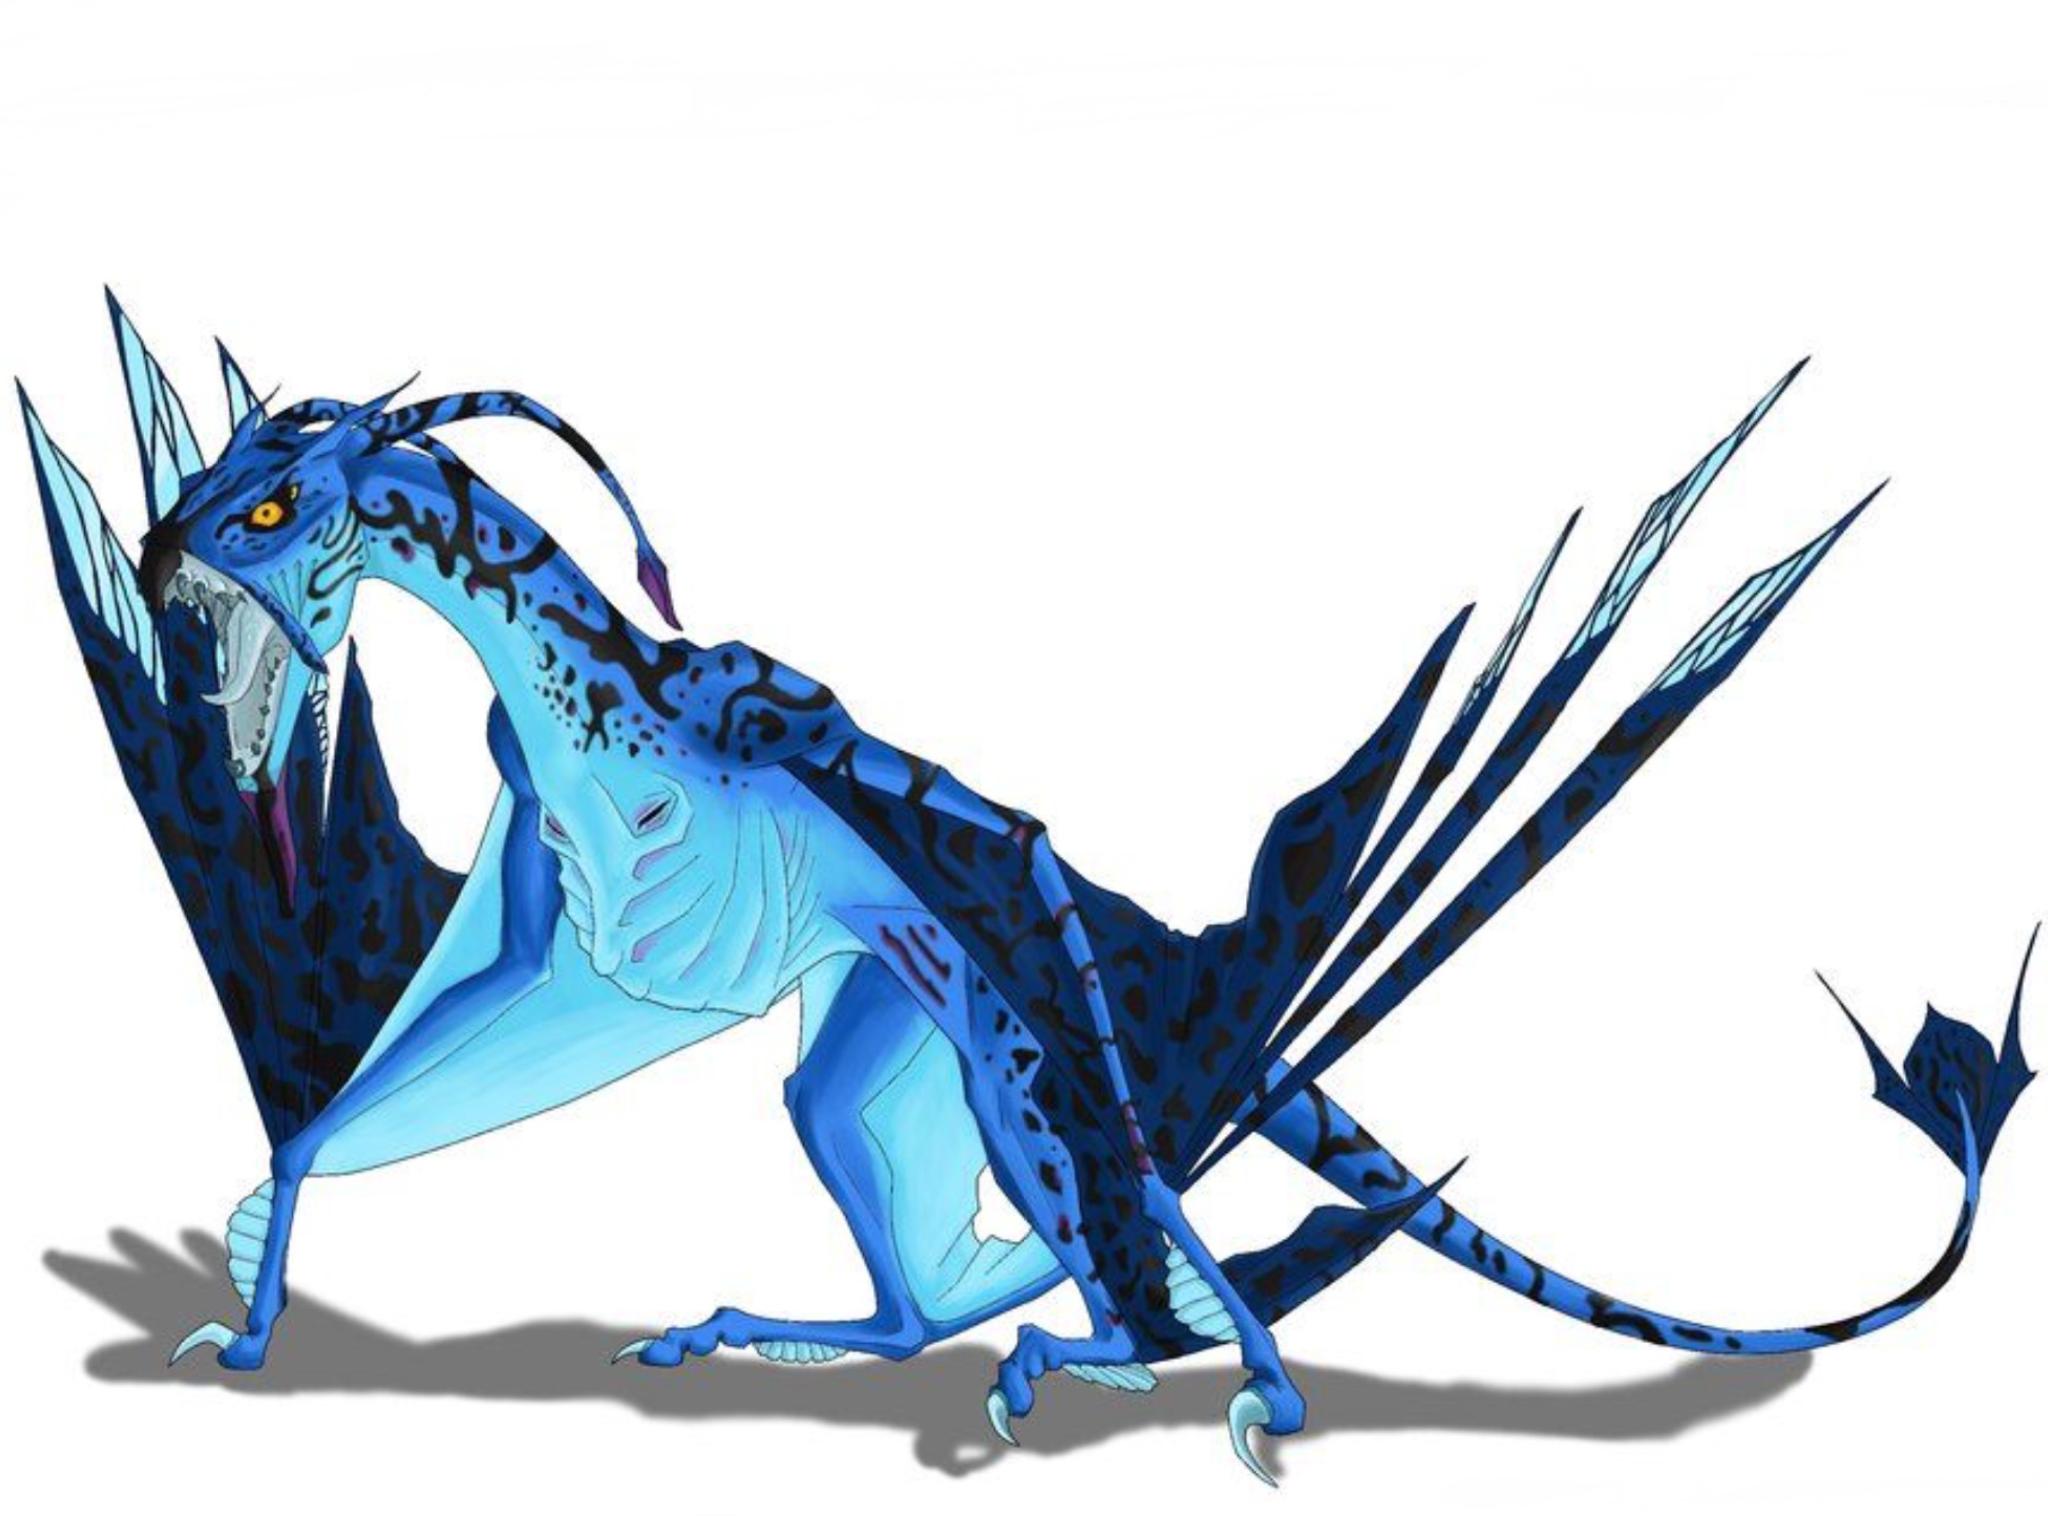 всех драконы из аватара картинки них